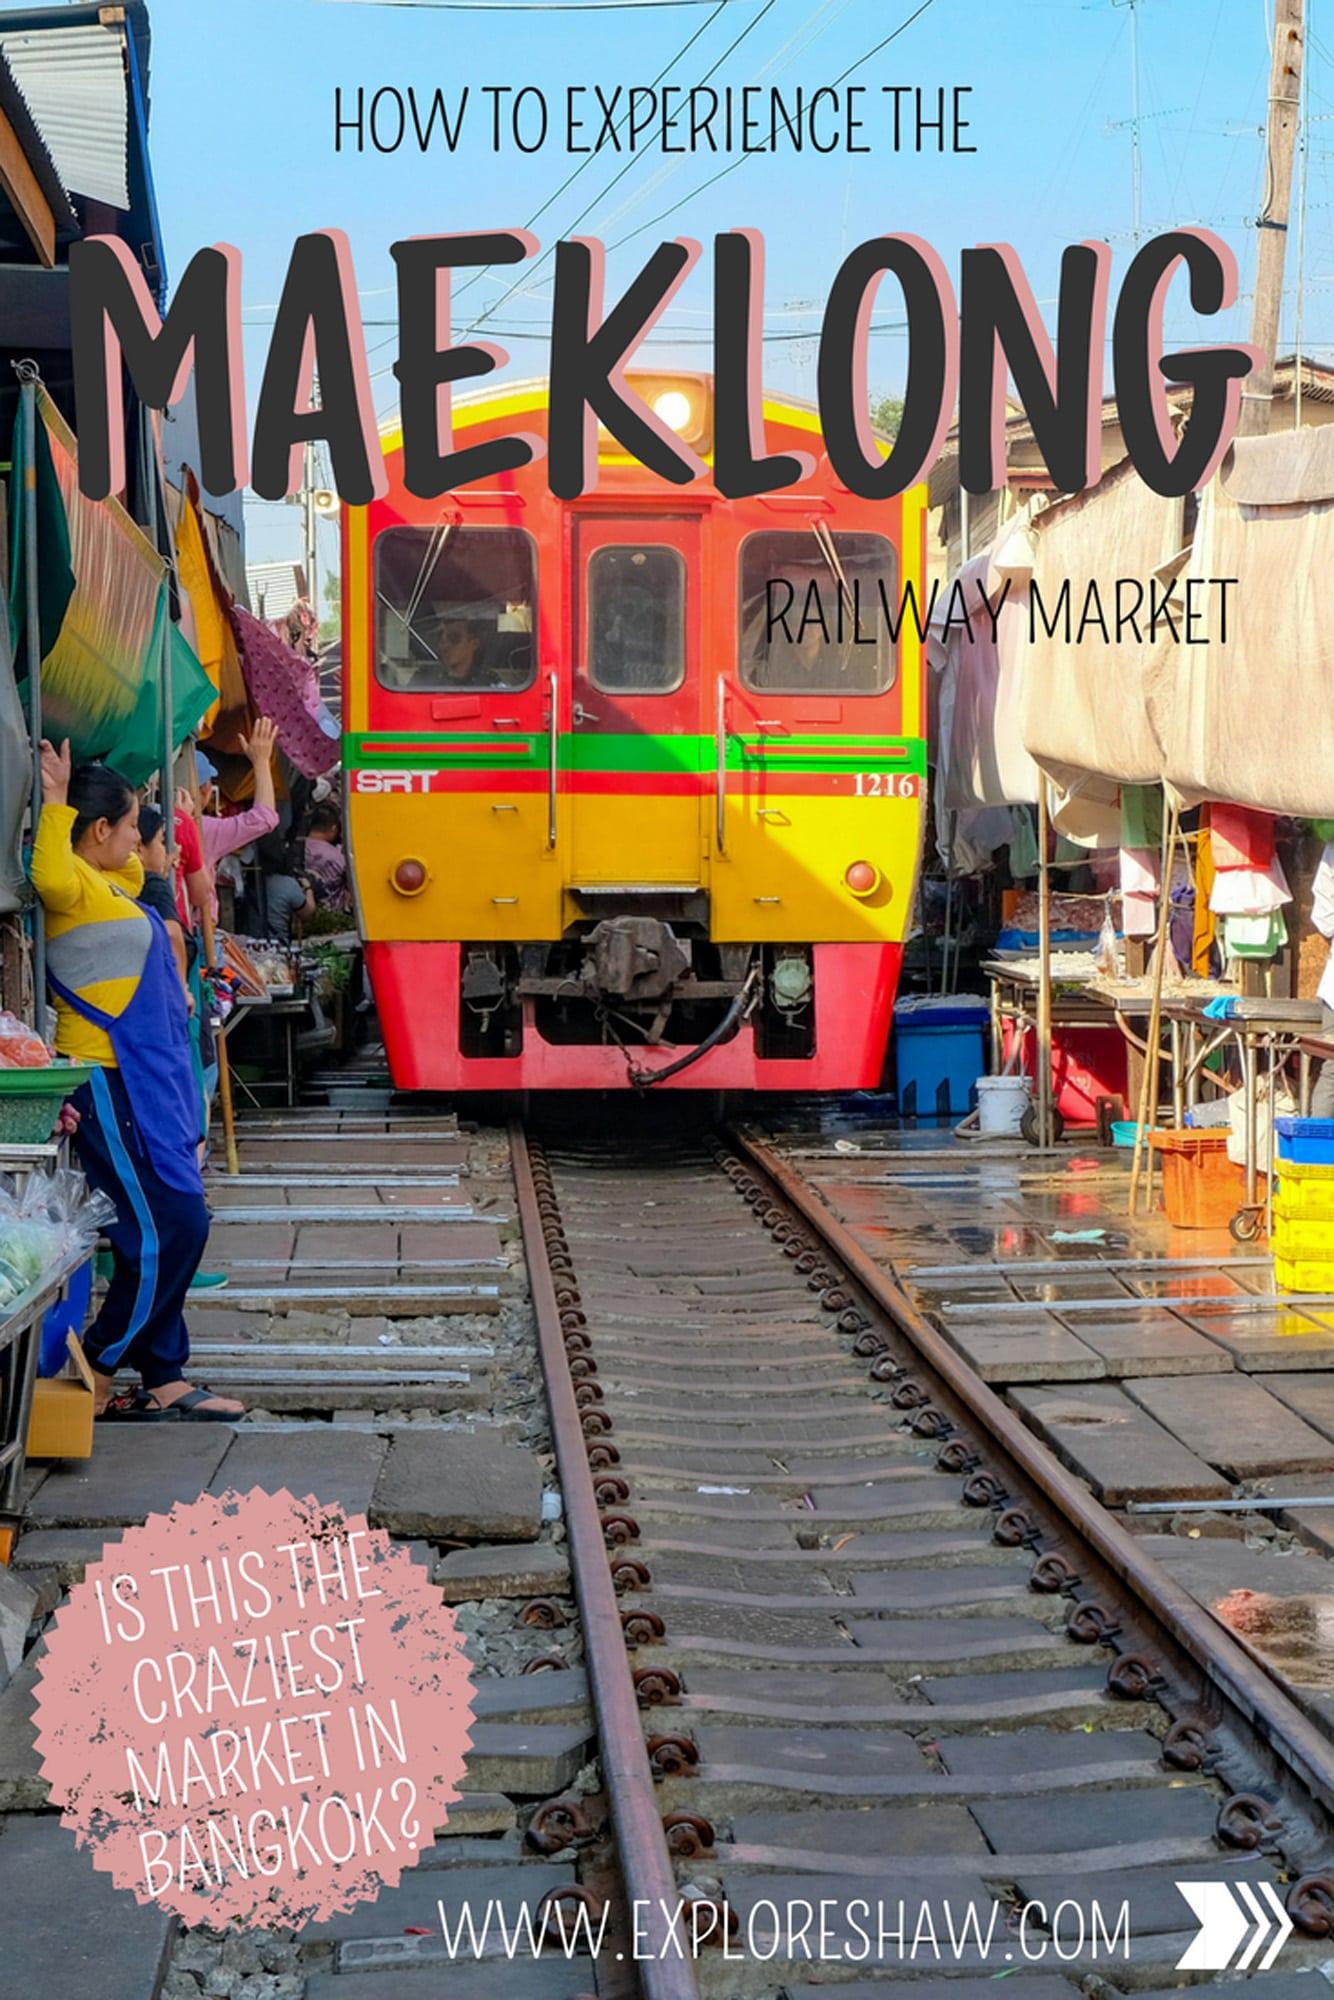 HOW TO EXPERIENCE THE MAEKLONG RAILWAY MARKET